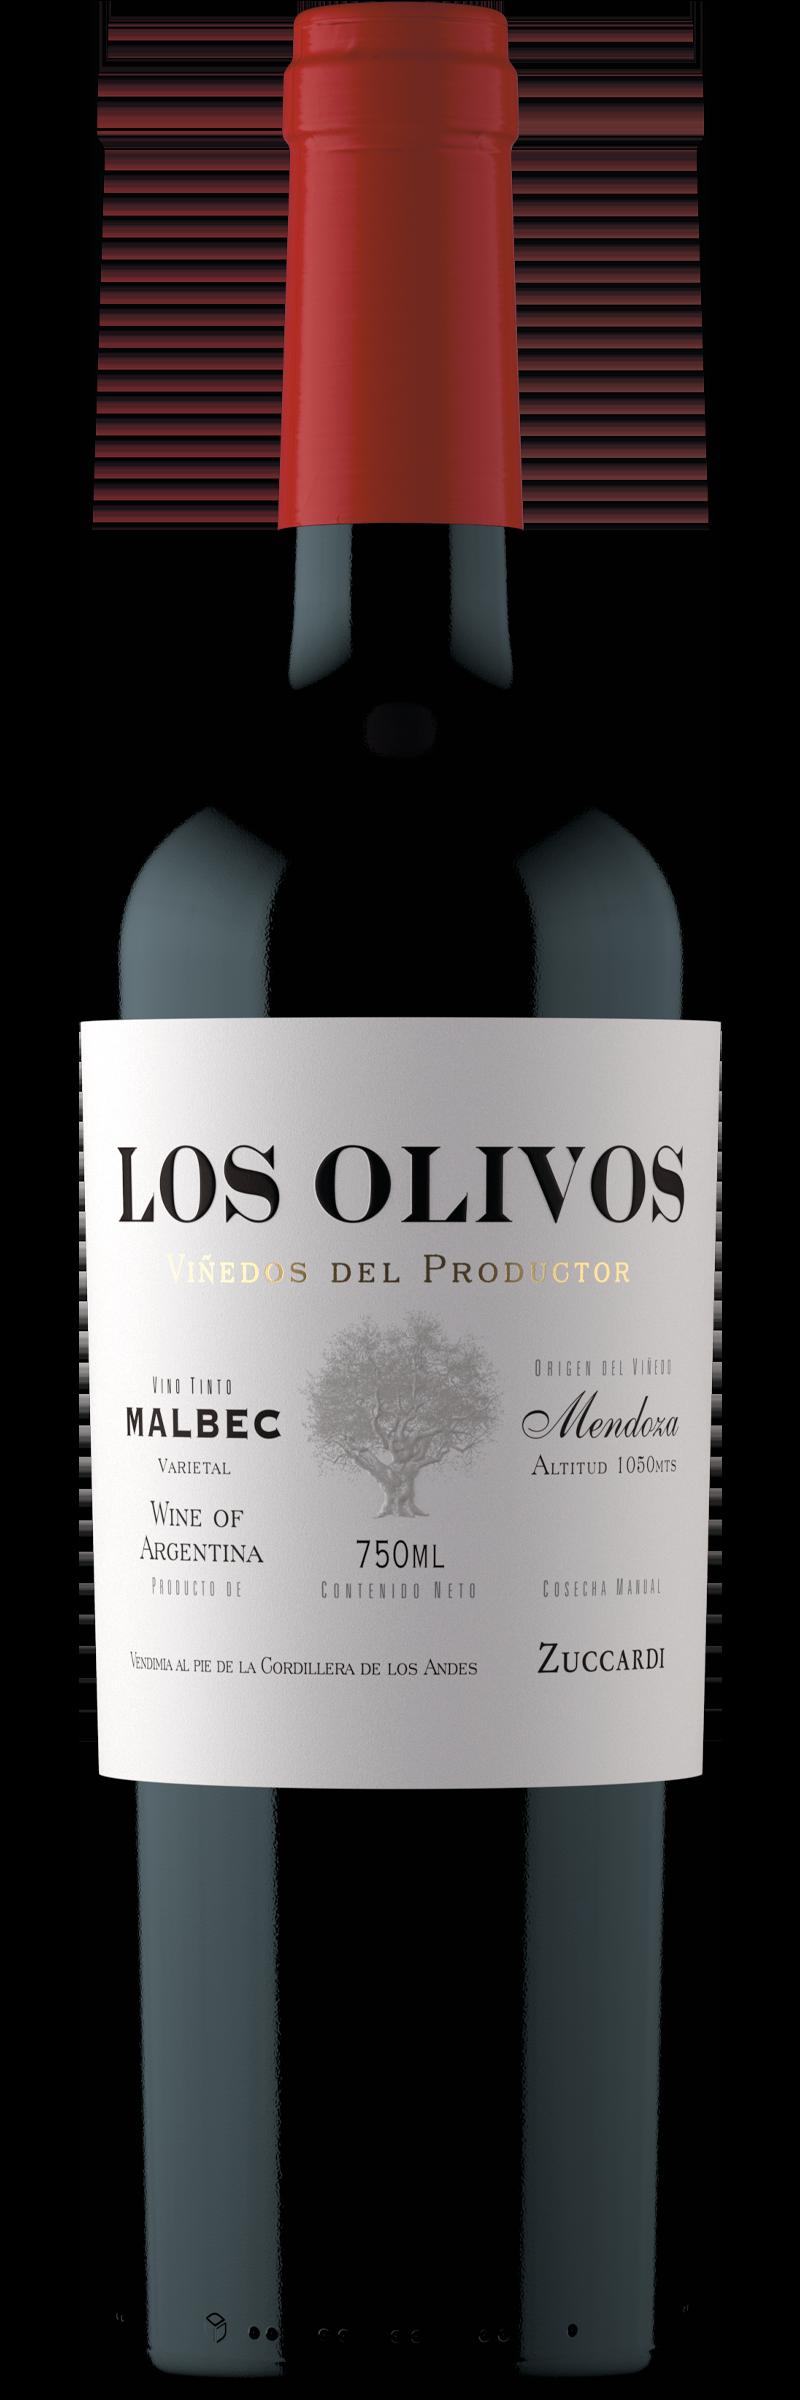 Zuccardi Los Olivos Malbec